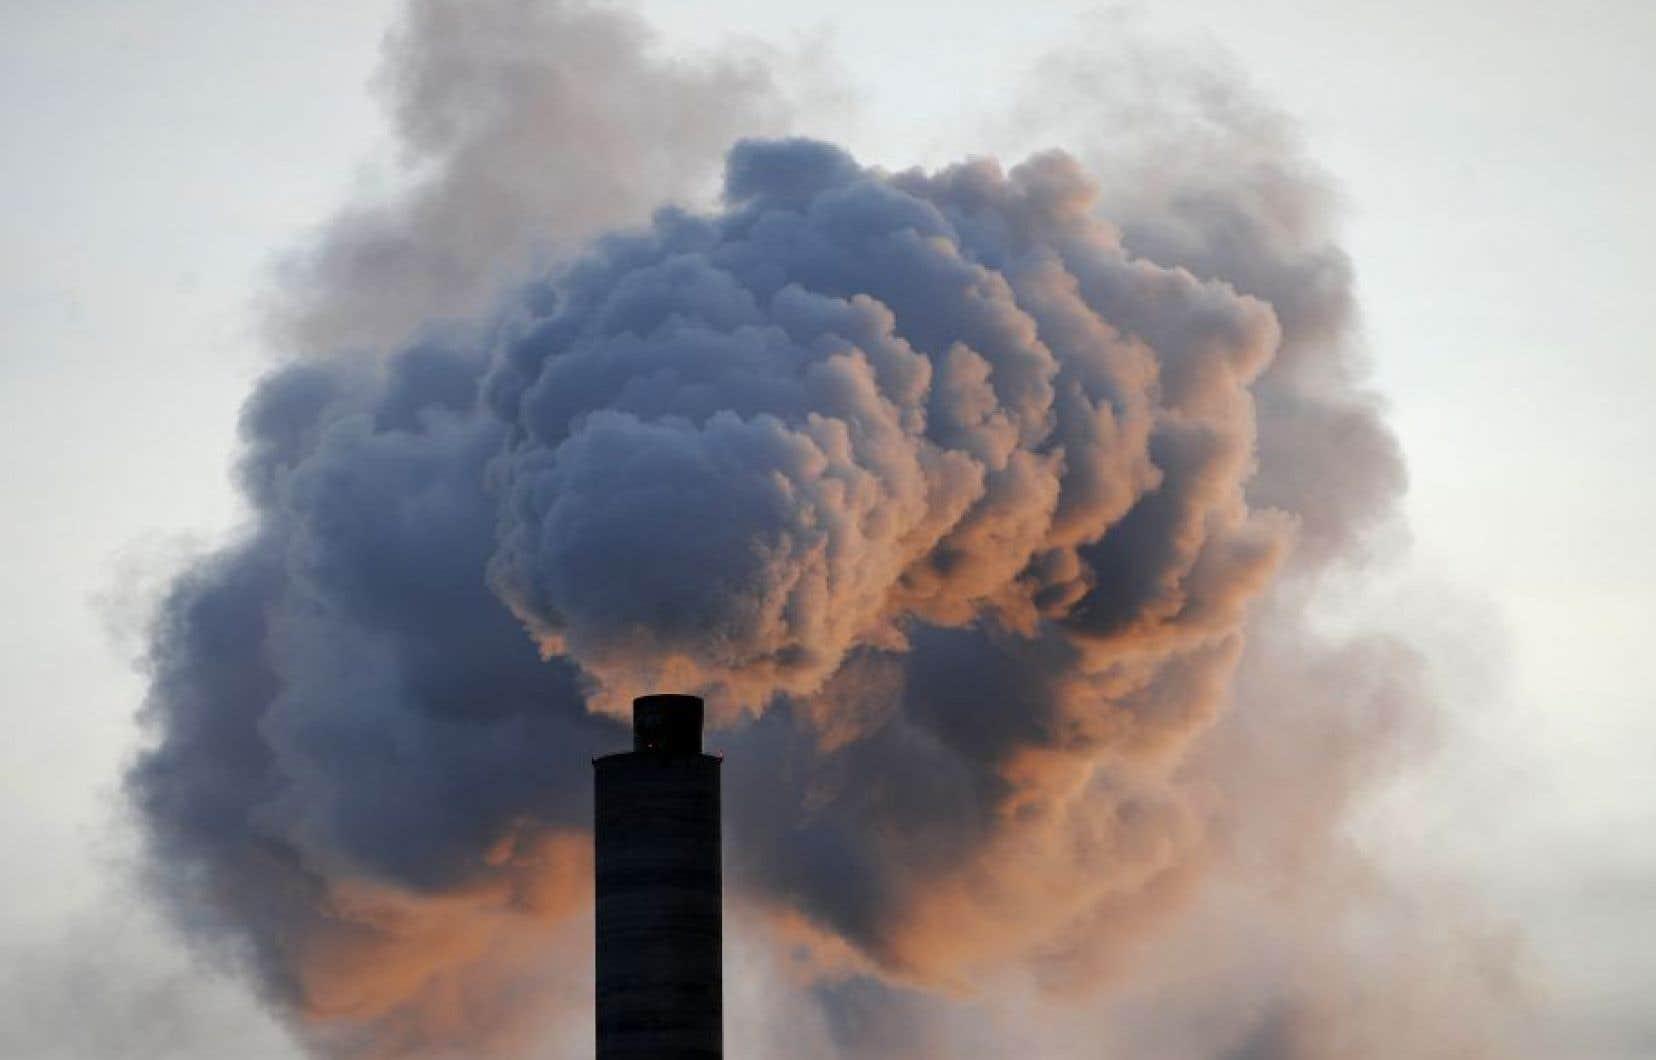 Les États-Unis sont le deuxième plus gros émetteur de gaz à effets de serre derrière la Chine.